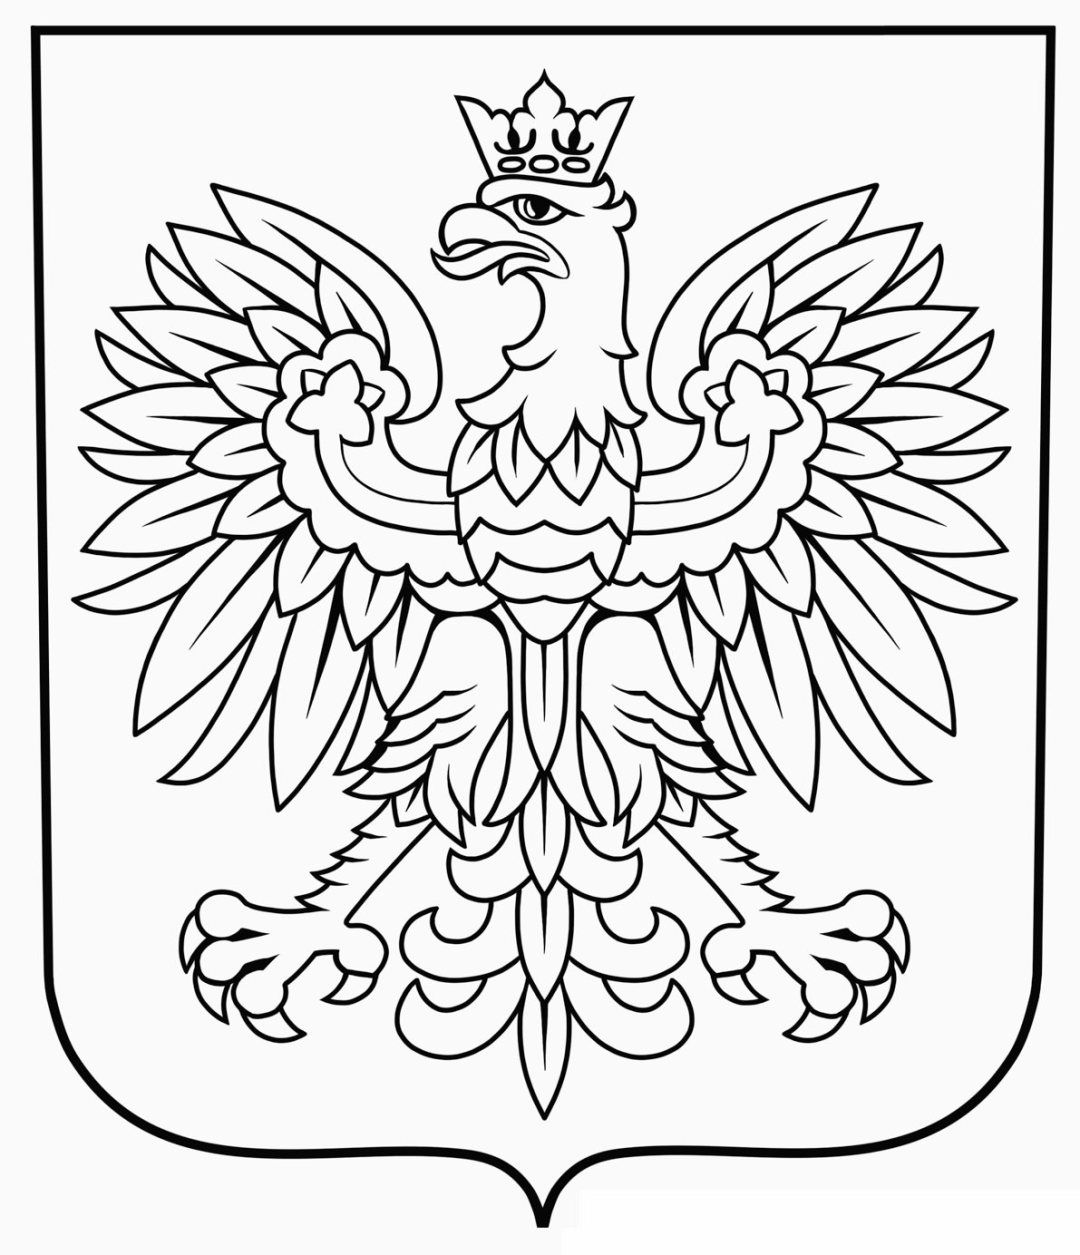 Kolorowanki Godlo Polski Do Pobrania I Drukowania Dla Dzieci Kolorowanki Orzel Rysunki Tuszem